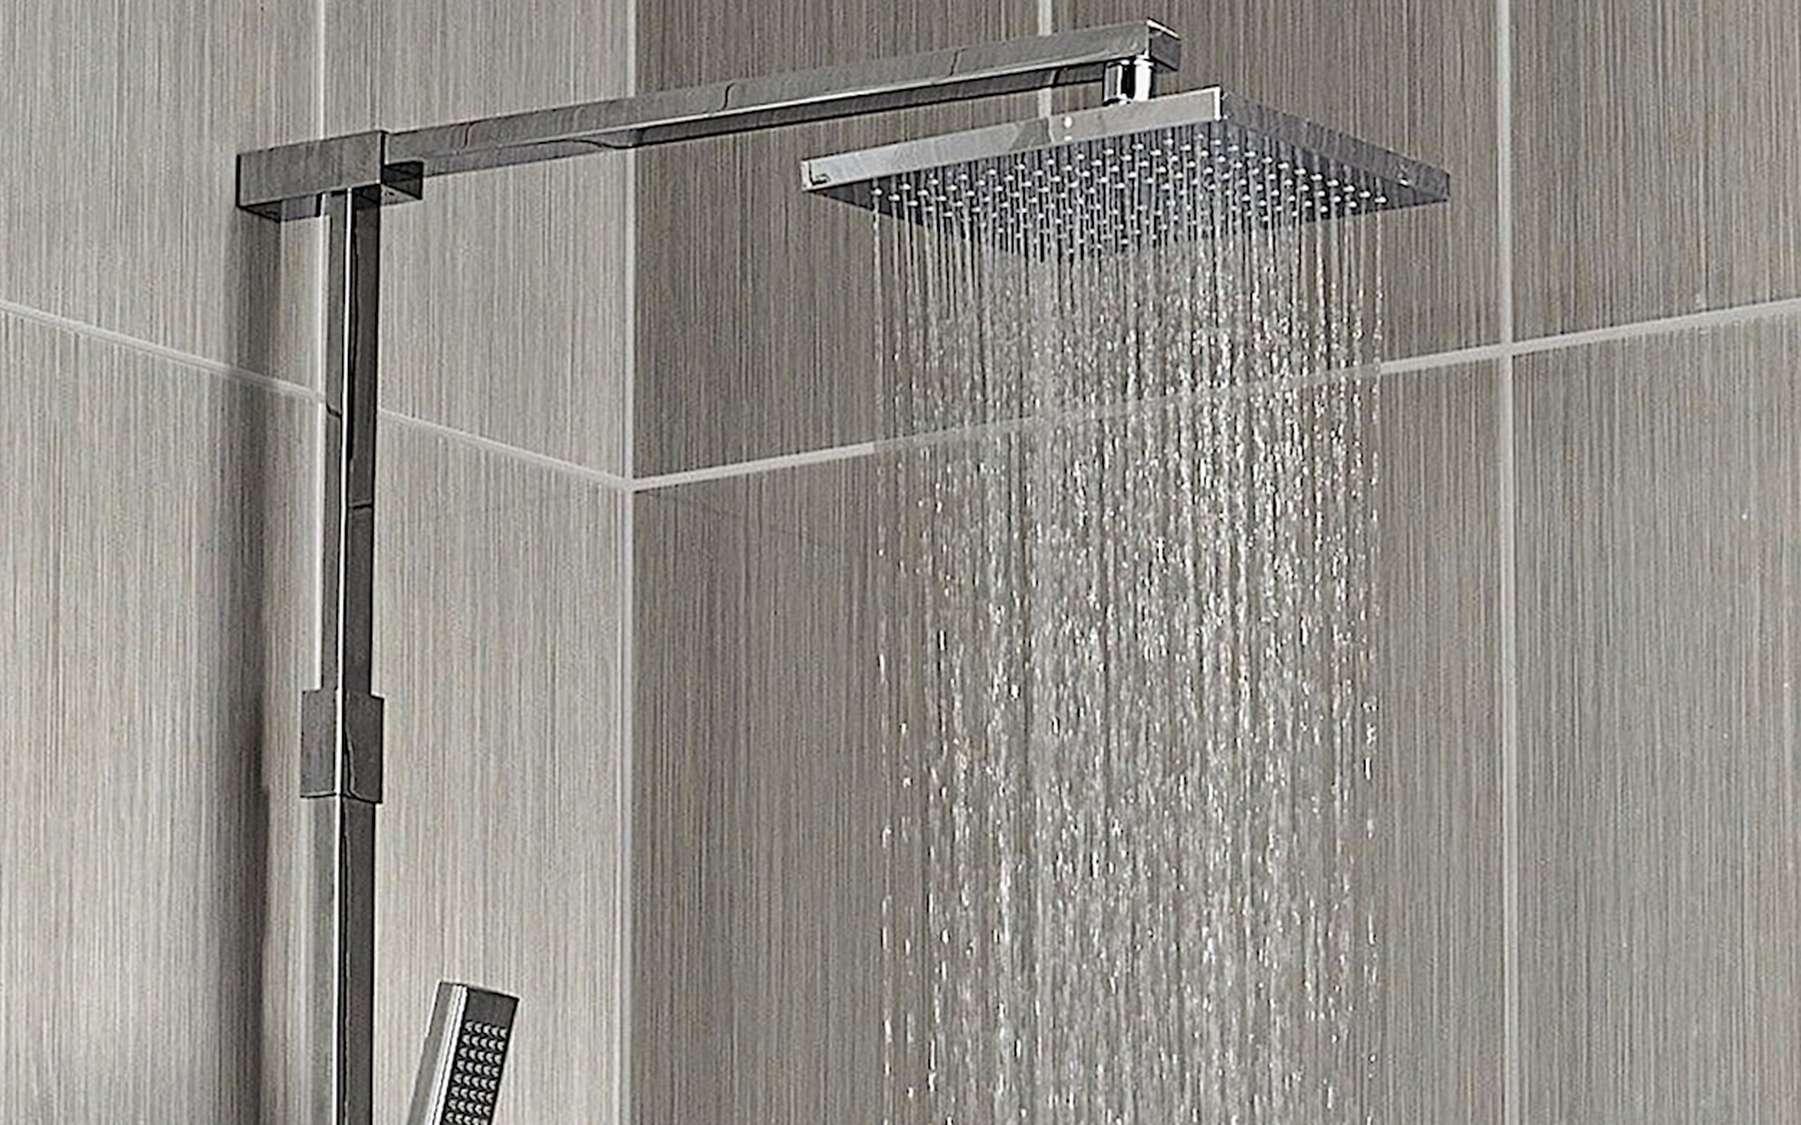 Il existe une grande diversité de colonnes de douche mais le principe d'installation diffère peu. © Valentin